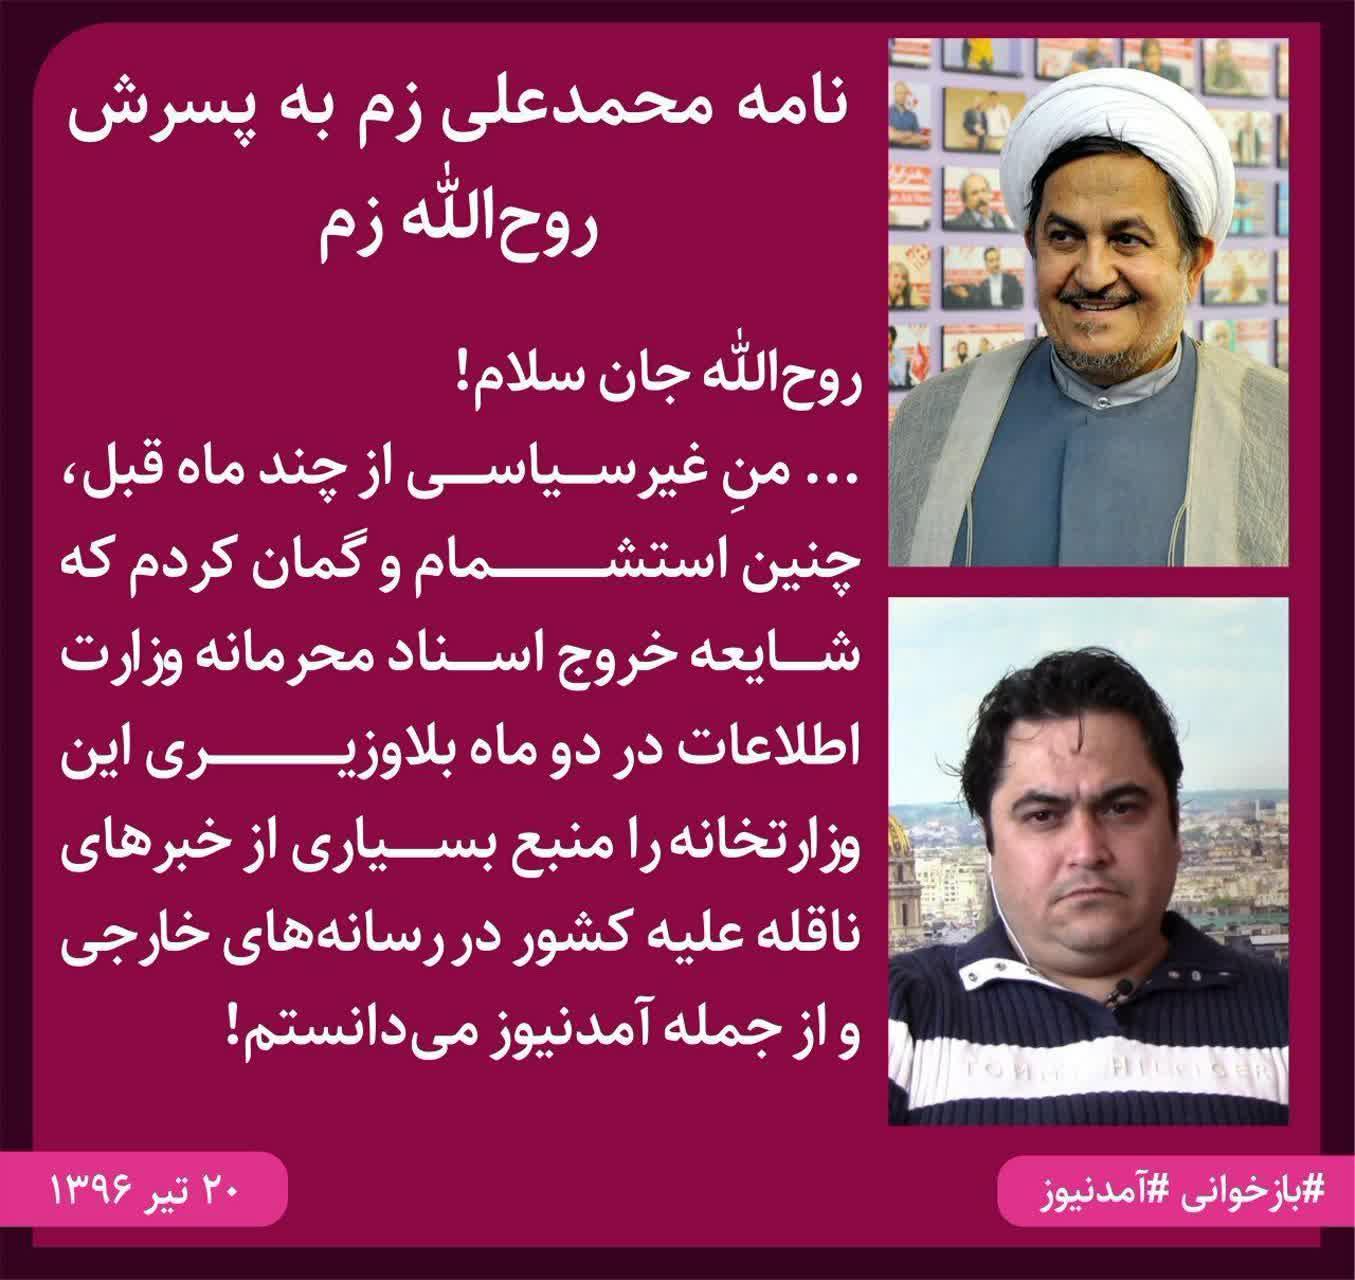 amadnews%20%287%29 شکایت وزیر اطلاعات از حسن عباسی به بهانه بیان ارتباط و رابطه آمدنیوز و همچنين وزیر اطلاعات + اسناد